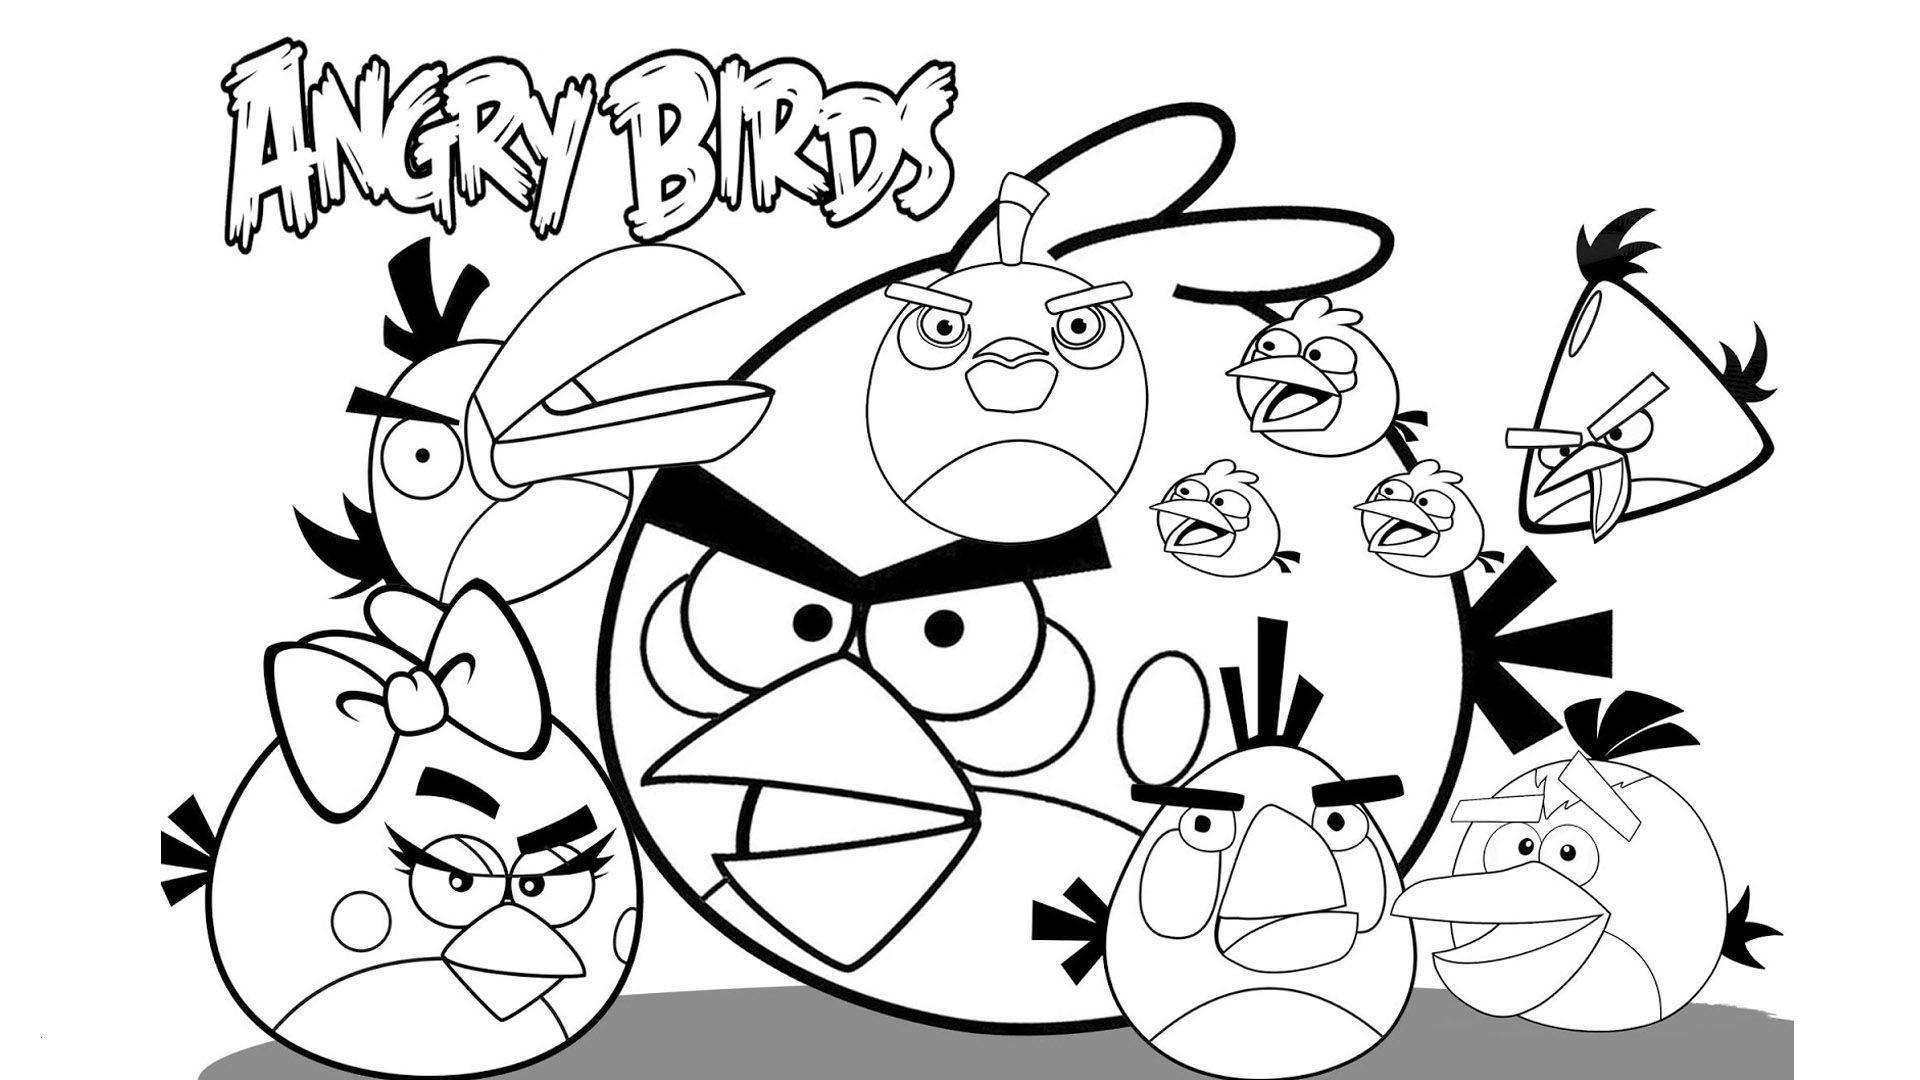 Wasserpflanzen Zum Ausmalen Frisch Angry Birds Zum Ausmalen Archives Katesgrove Best Angry Bird Bild